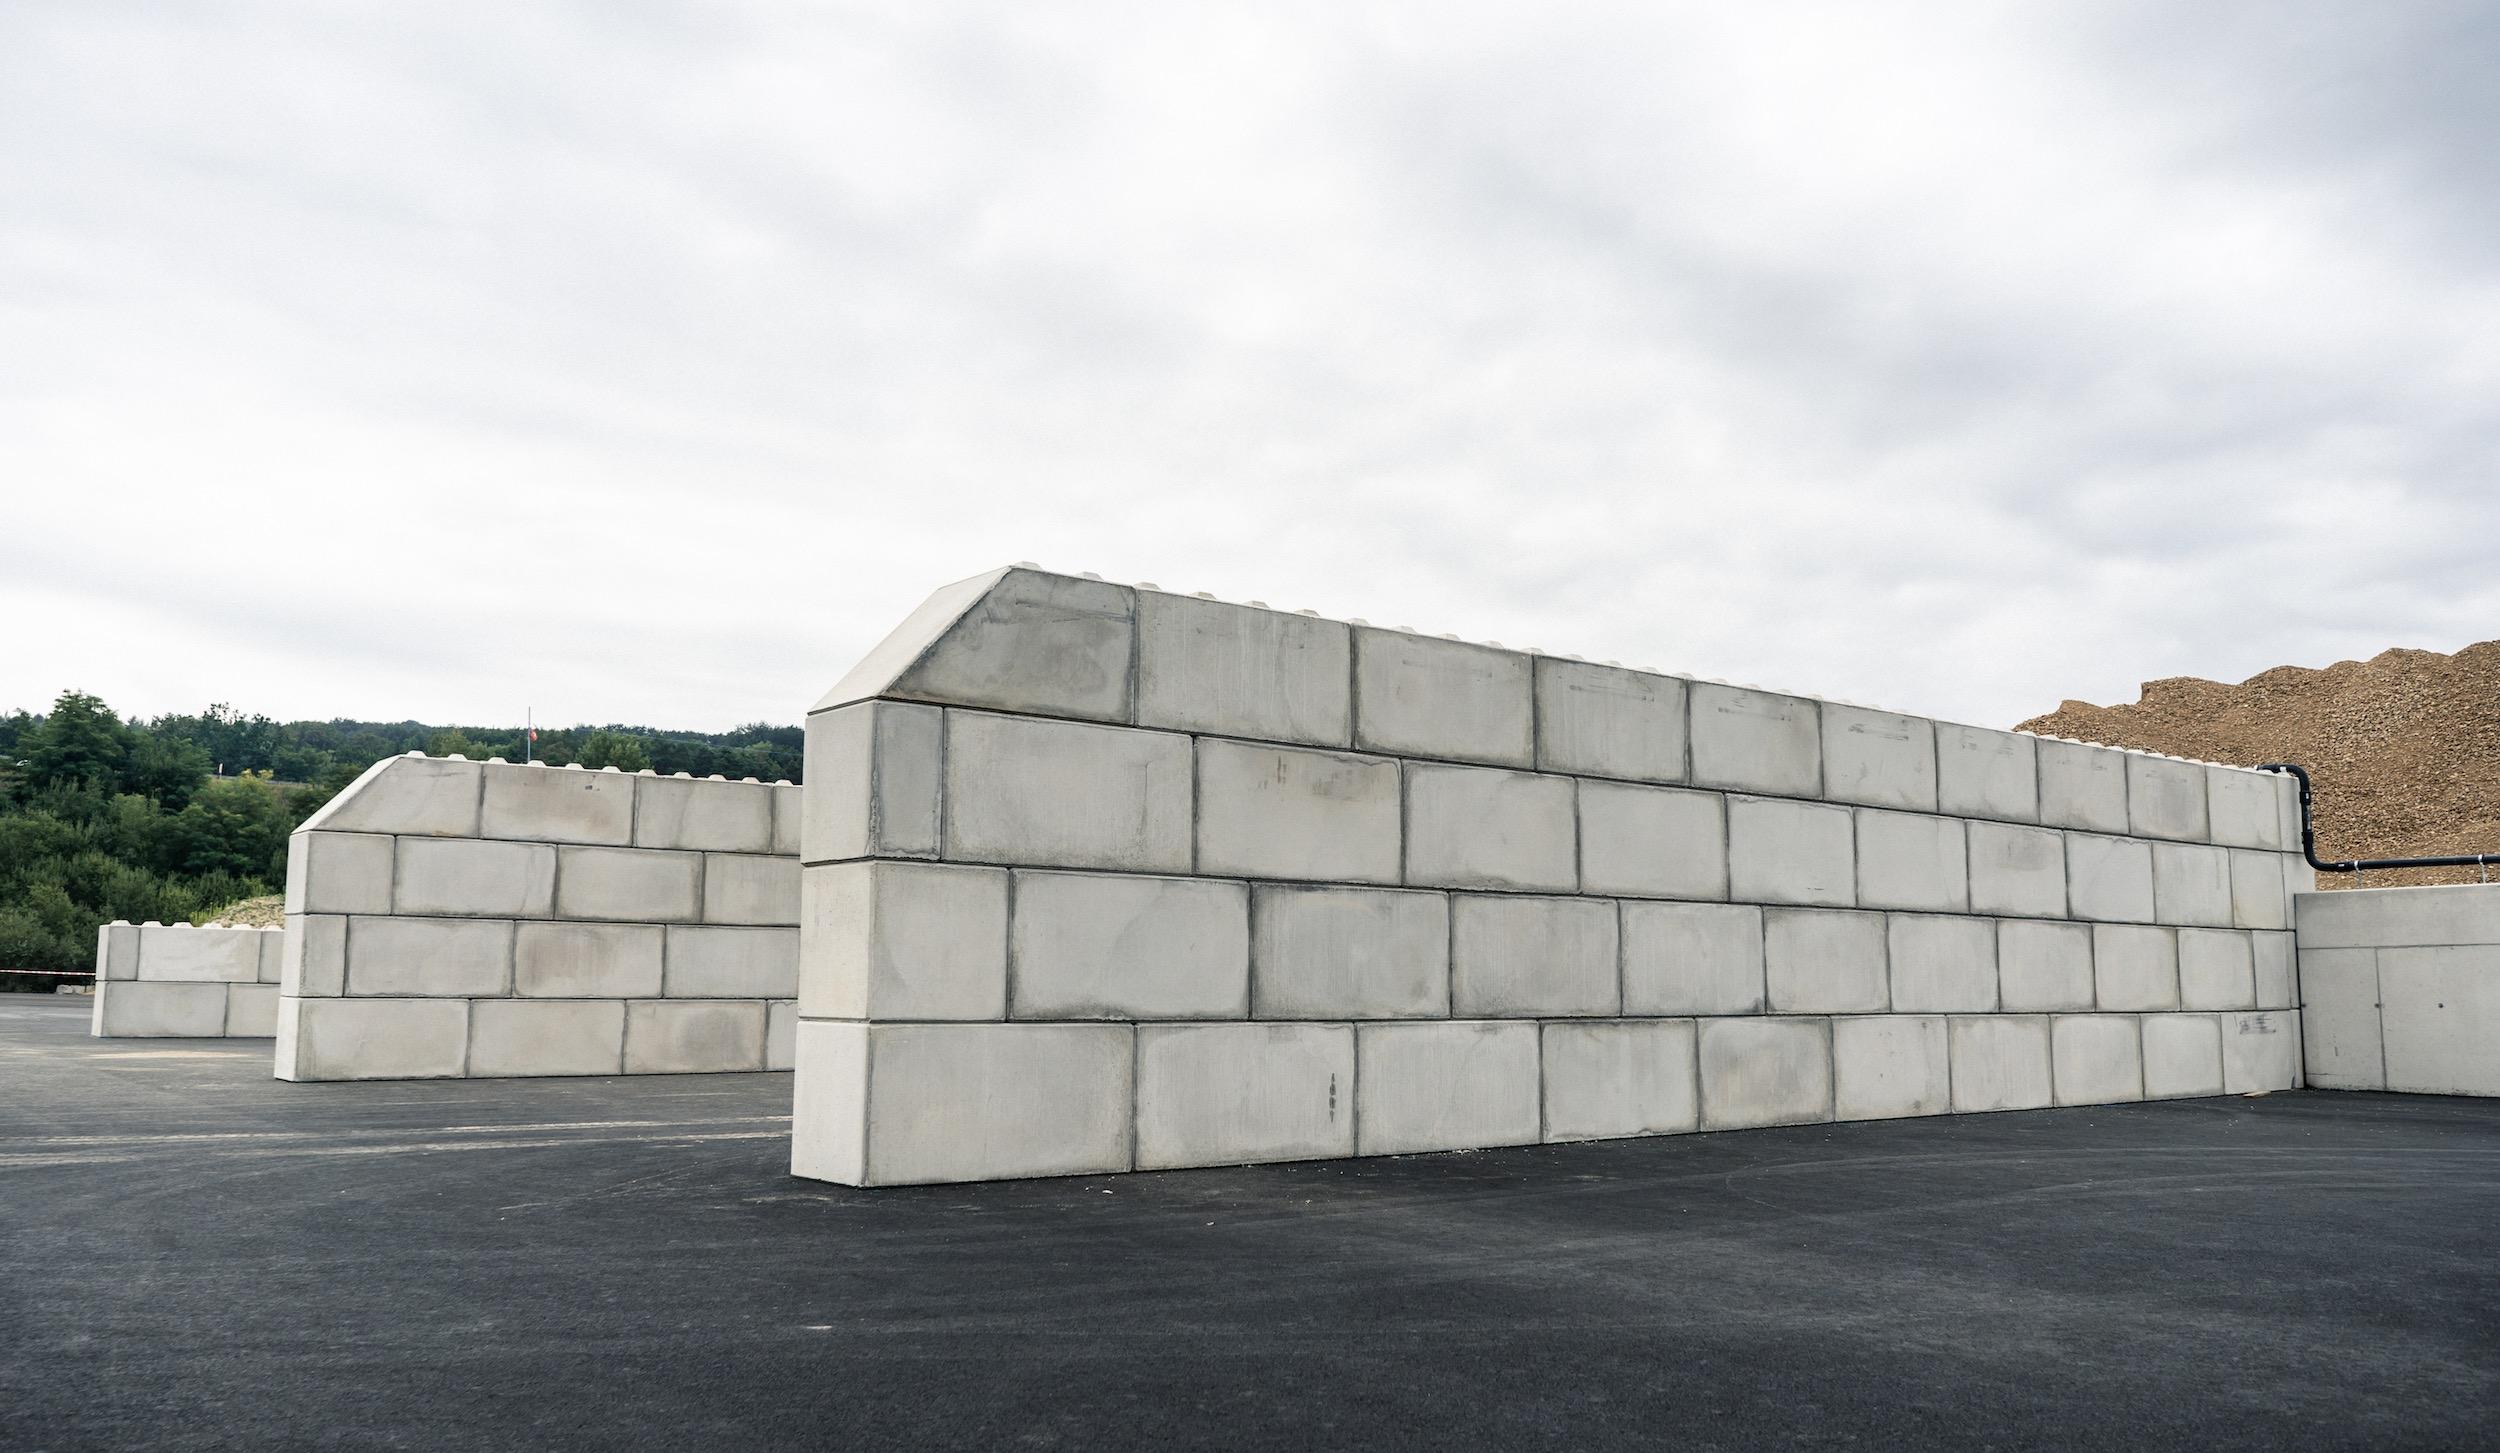 Betonblöcke von Lasselsberger in Pöchlarn - optimal für eine Betonwand, Betonzaun, als Lagerbox oder Trennwand